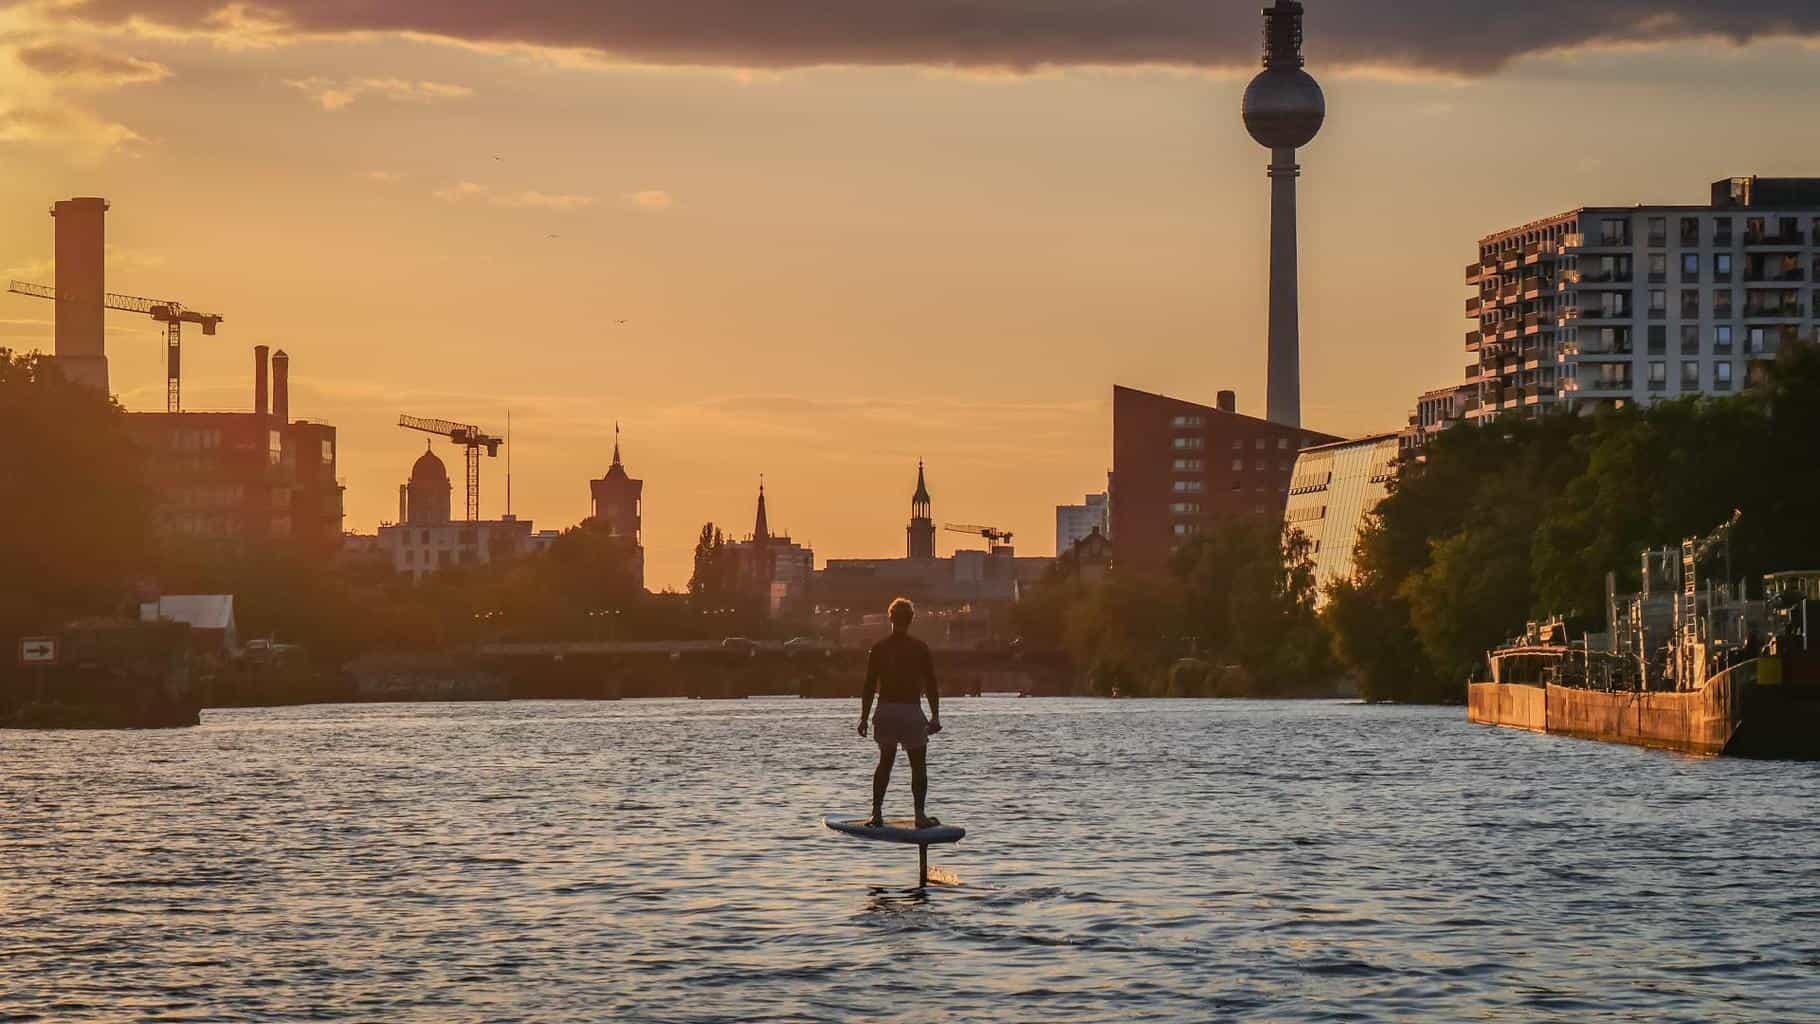 Elektromobilität auf dem Wasser - Die E-Surfer sind da